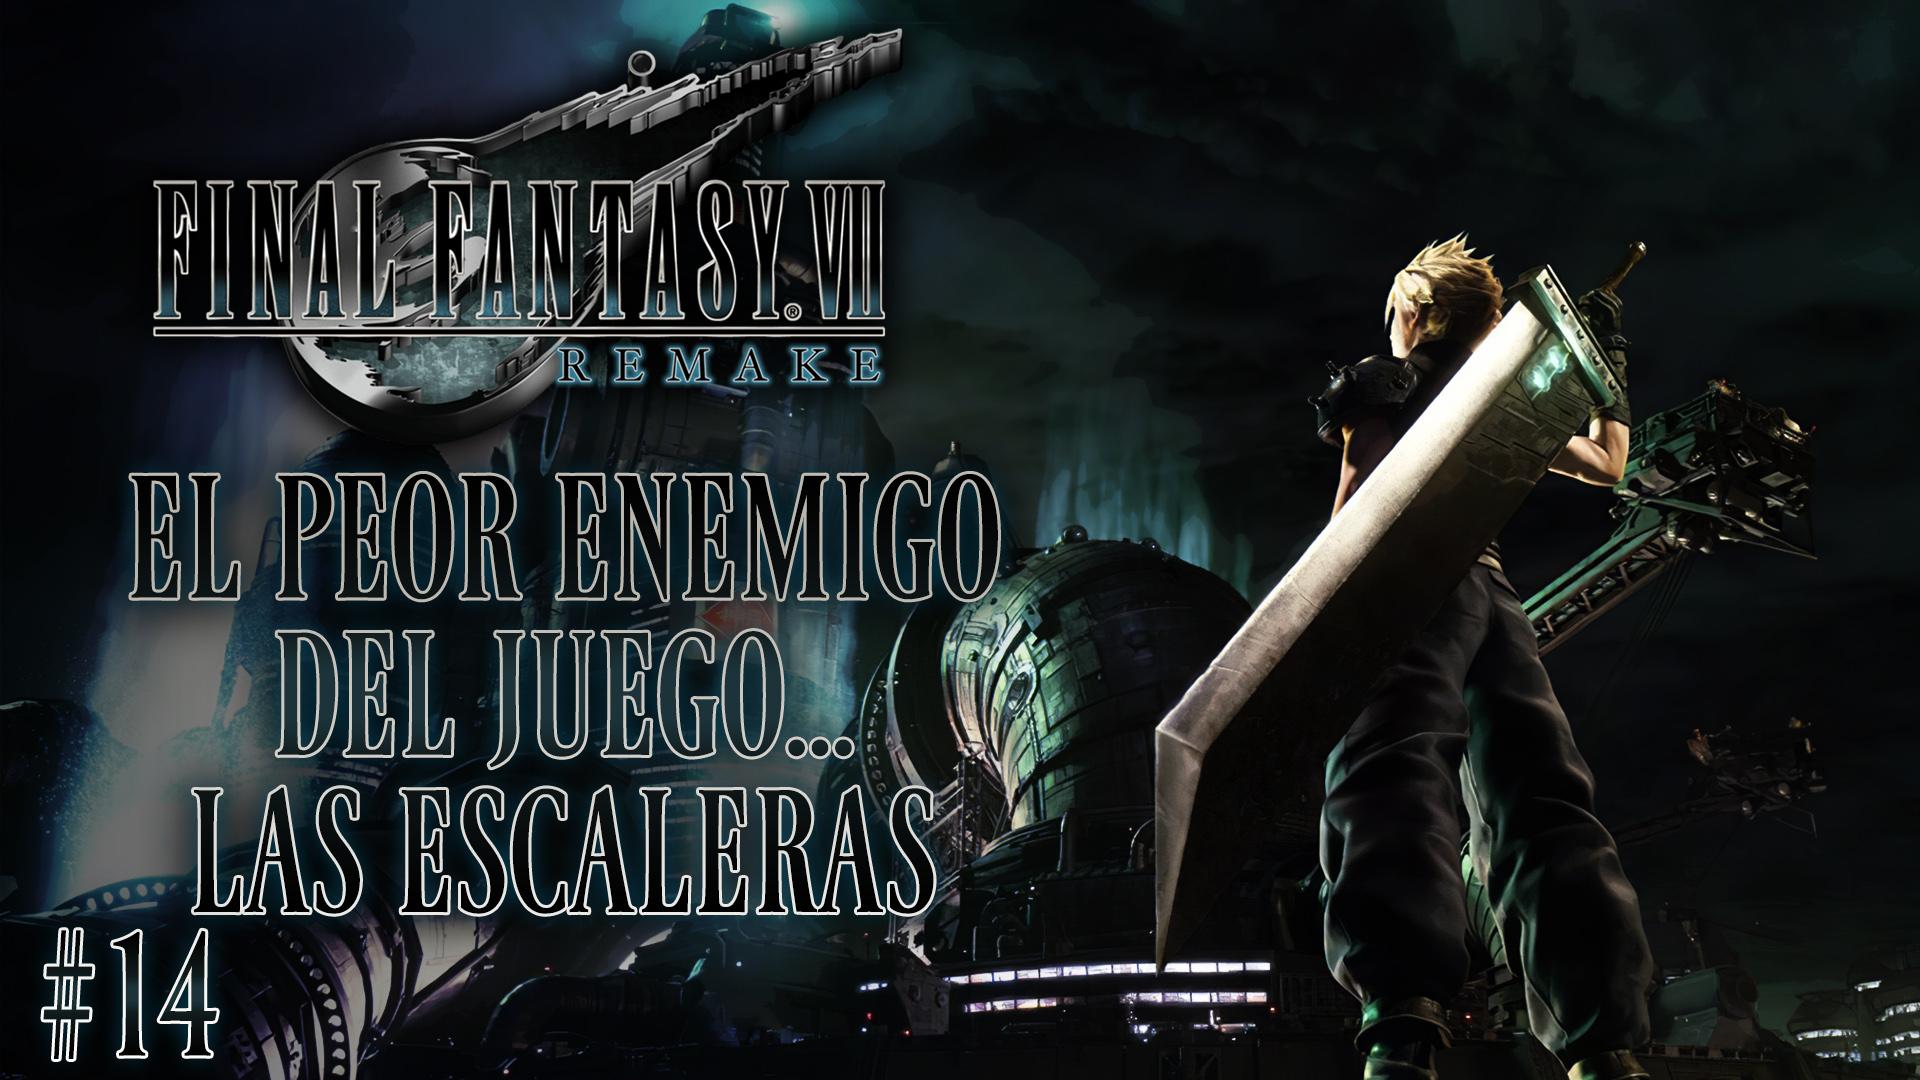 Serie Final Fantasy VII Remake #14 – El peor enemigo del juego… las escaleras